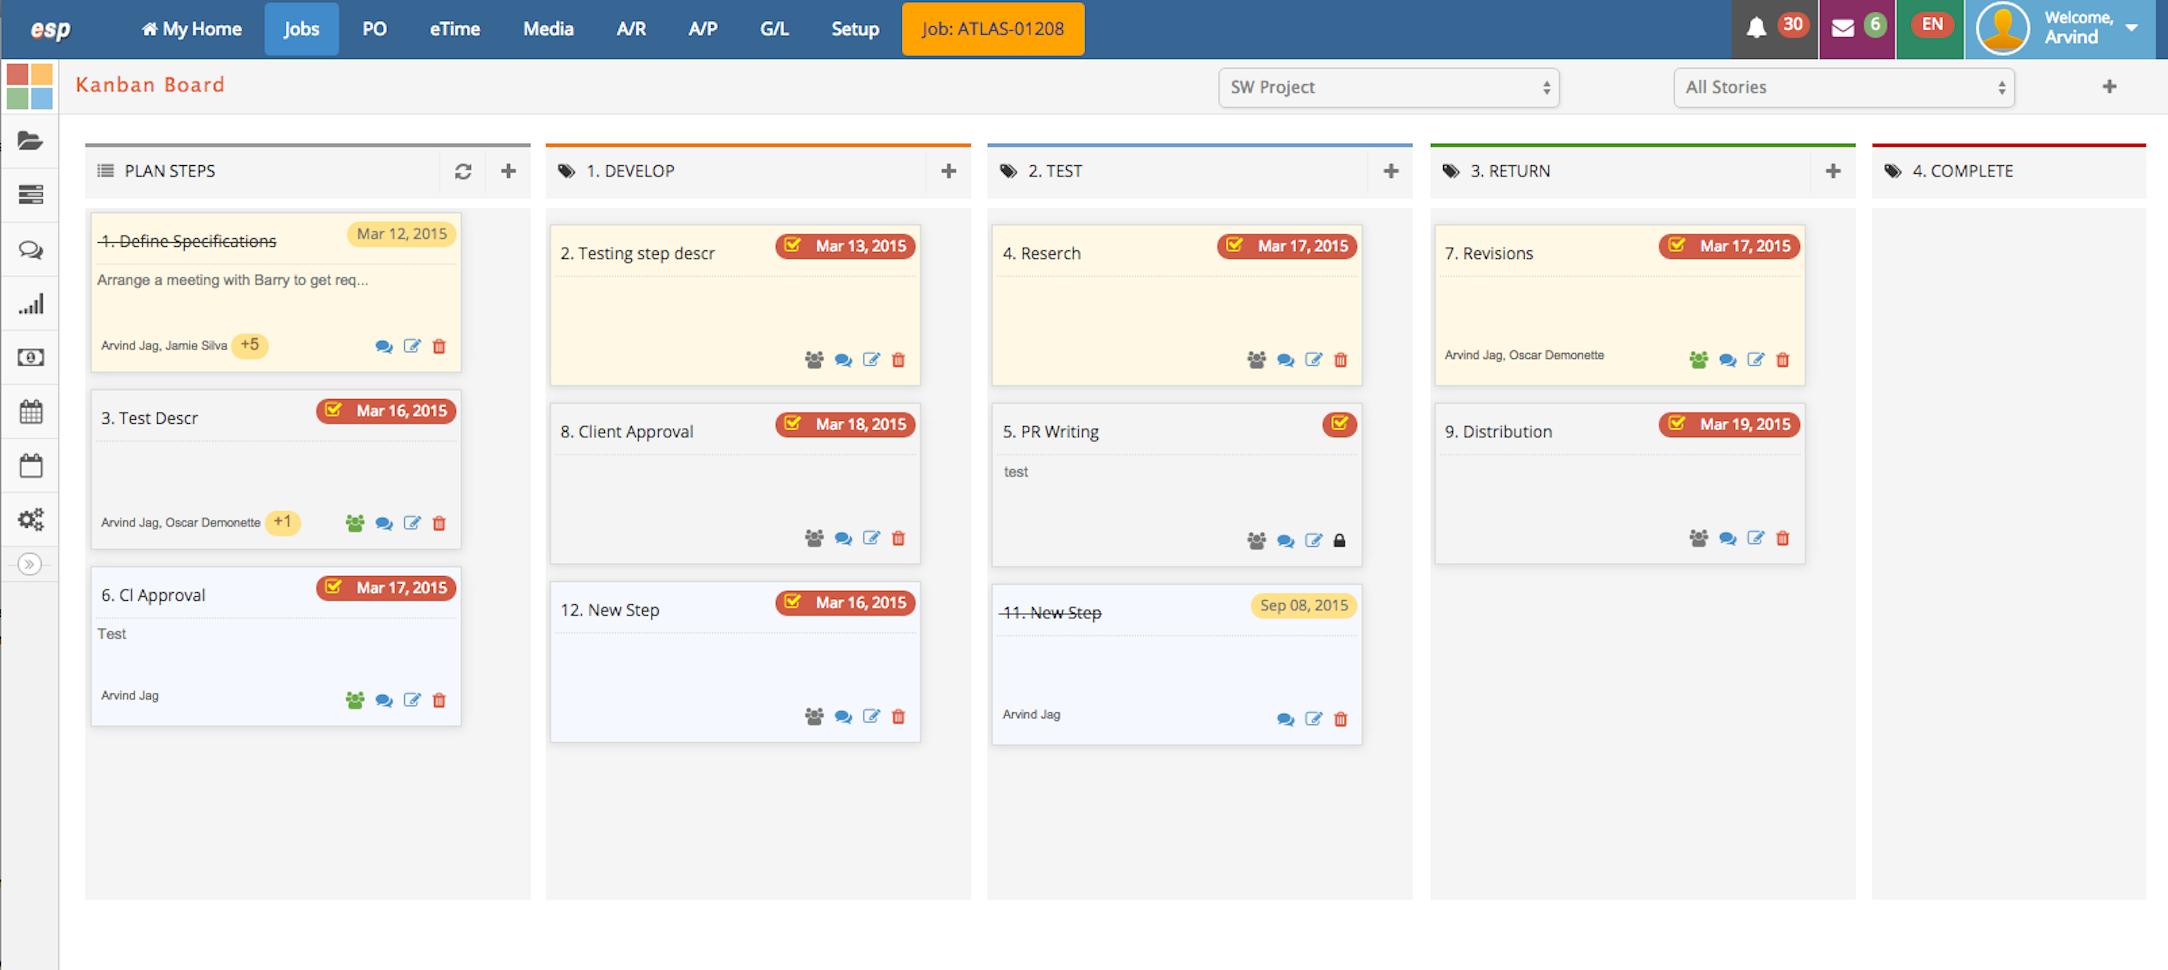 eSilentPARTNER Software - Project Management Kanban Boards